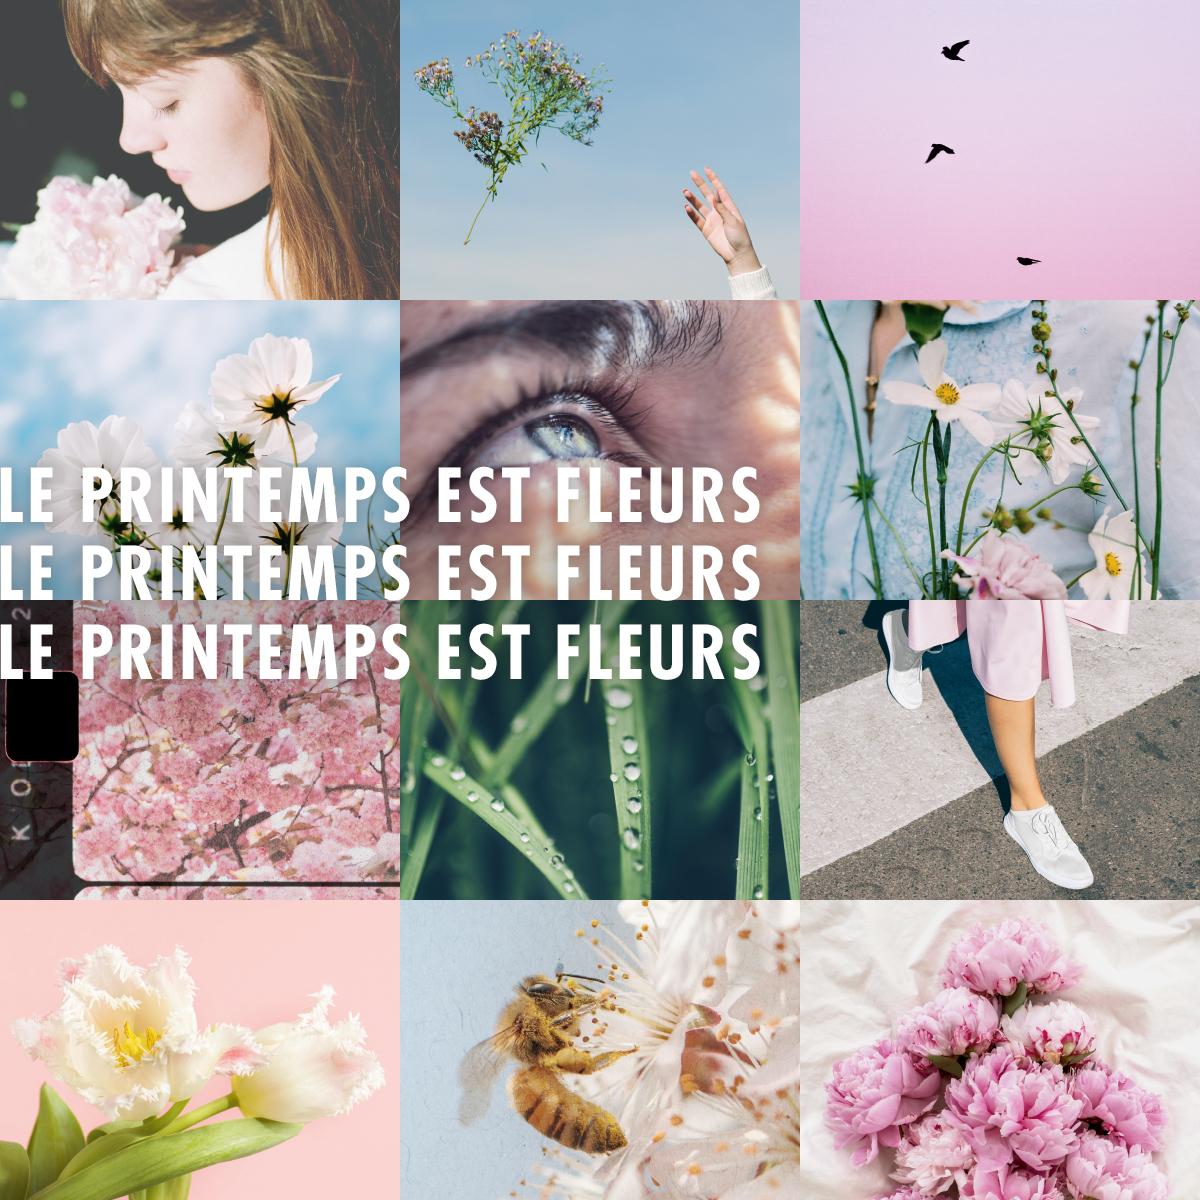 Le printemps est fleurs